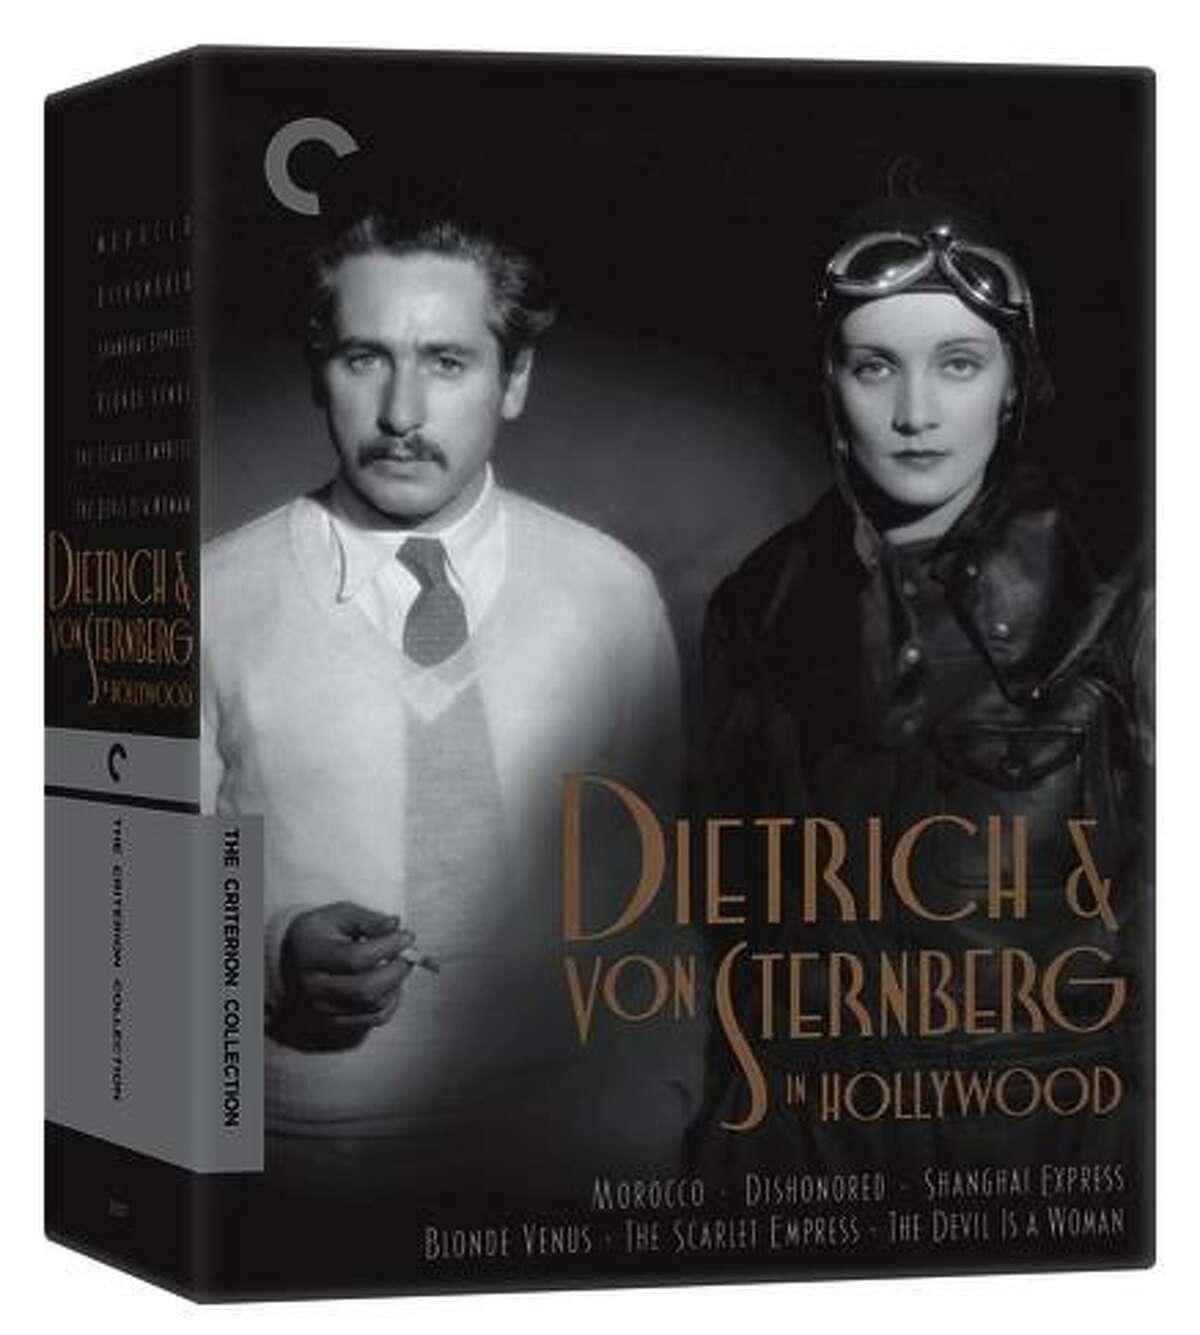 Director Josef Von Sternberg and Marlene Dietrich.